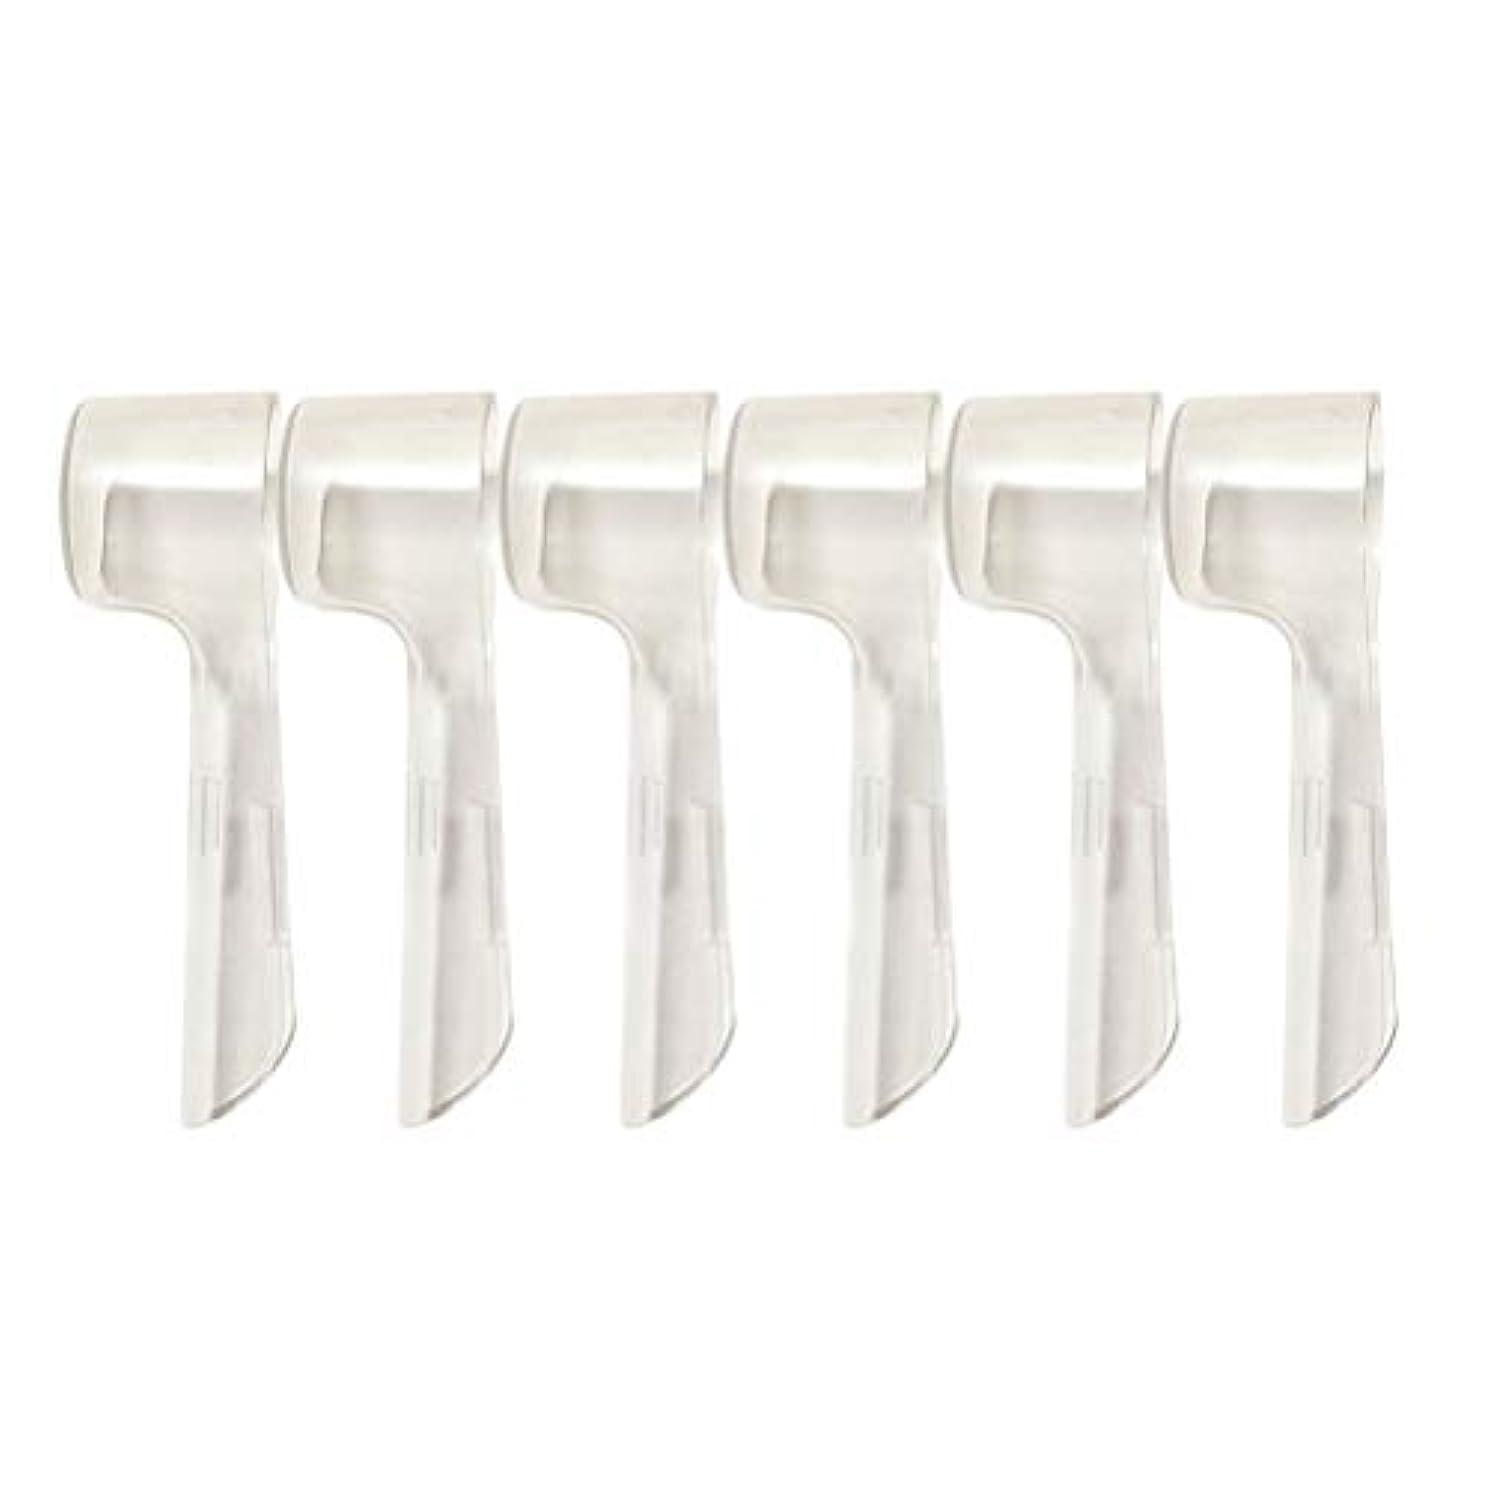 なんとなく国民投票SUPVOX 旅行のために便利な電動歯ブラシのための10本の歯ブラシヘッドカバー